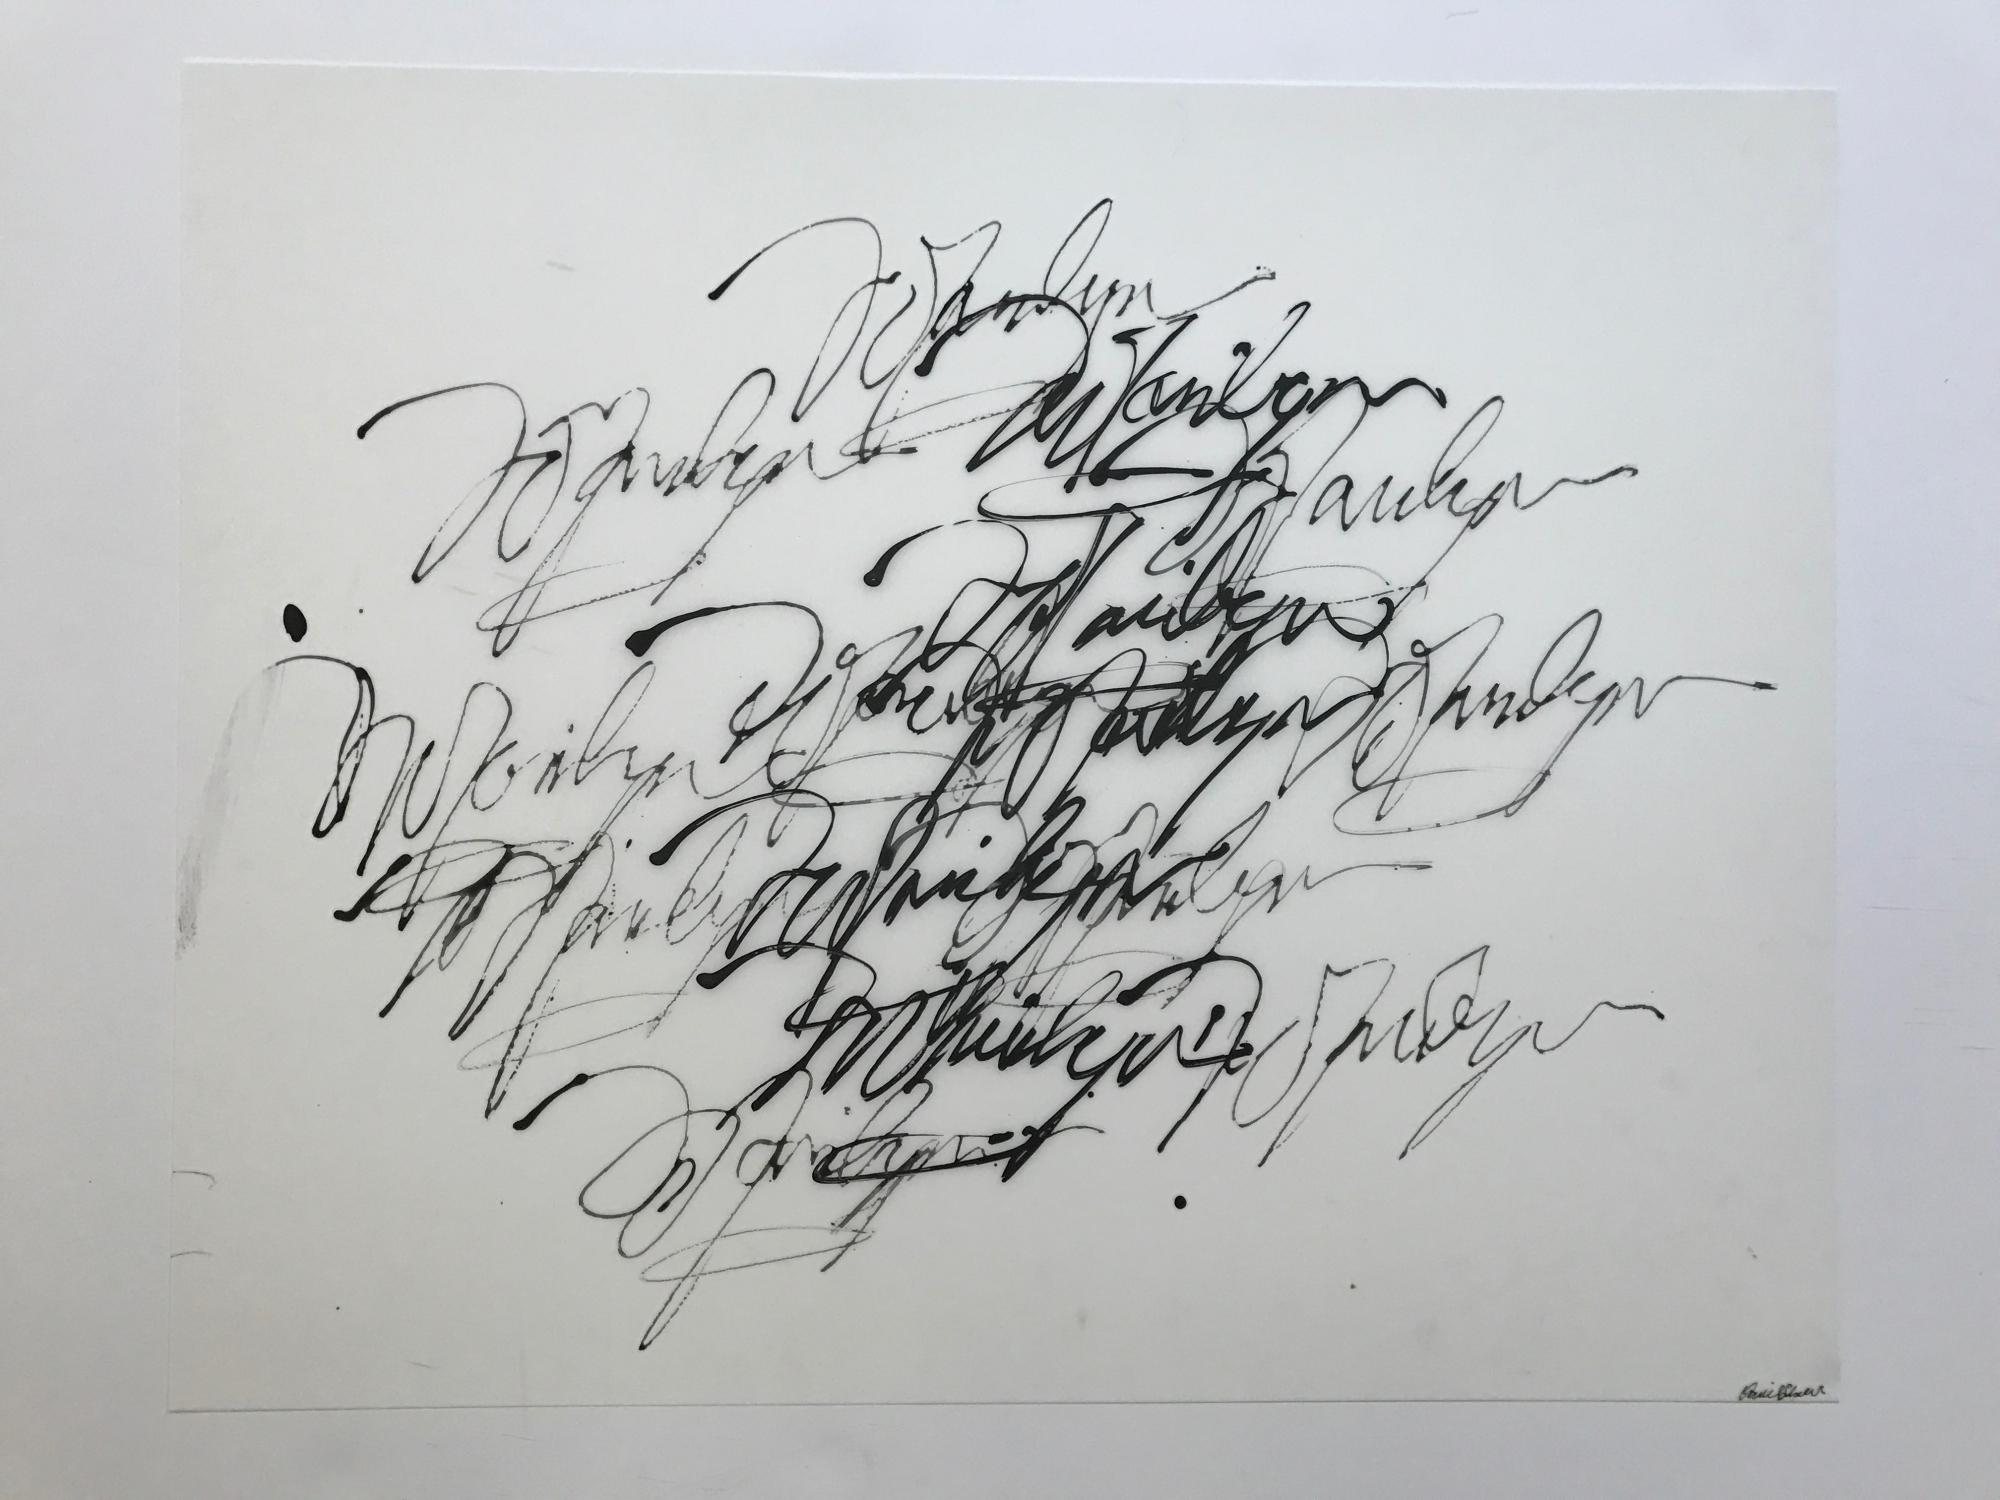 Monroe - Large 1 by Daniel Schneider